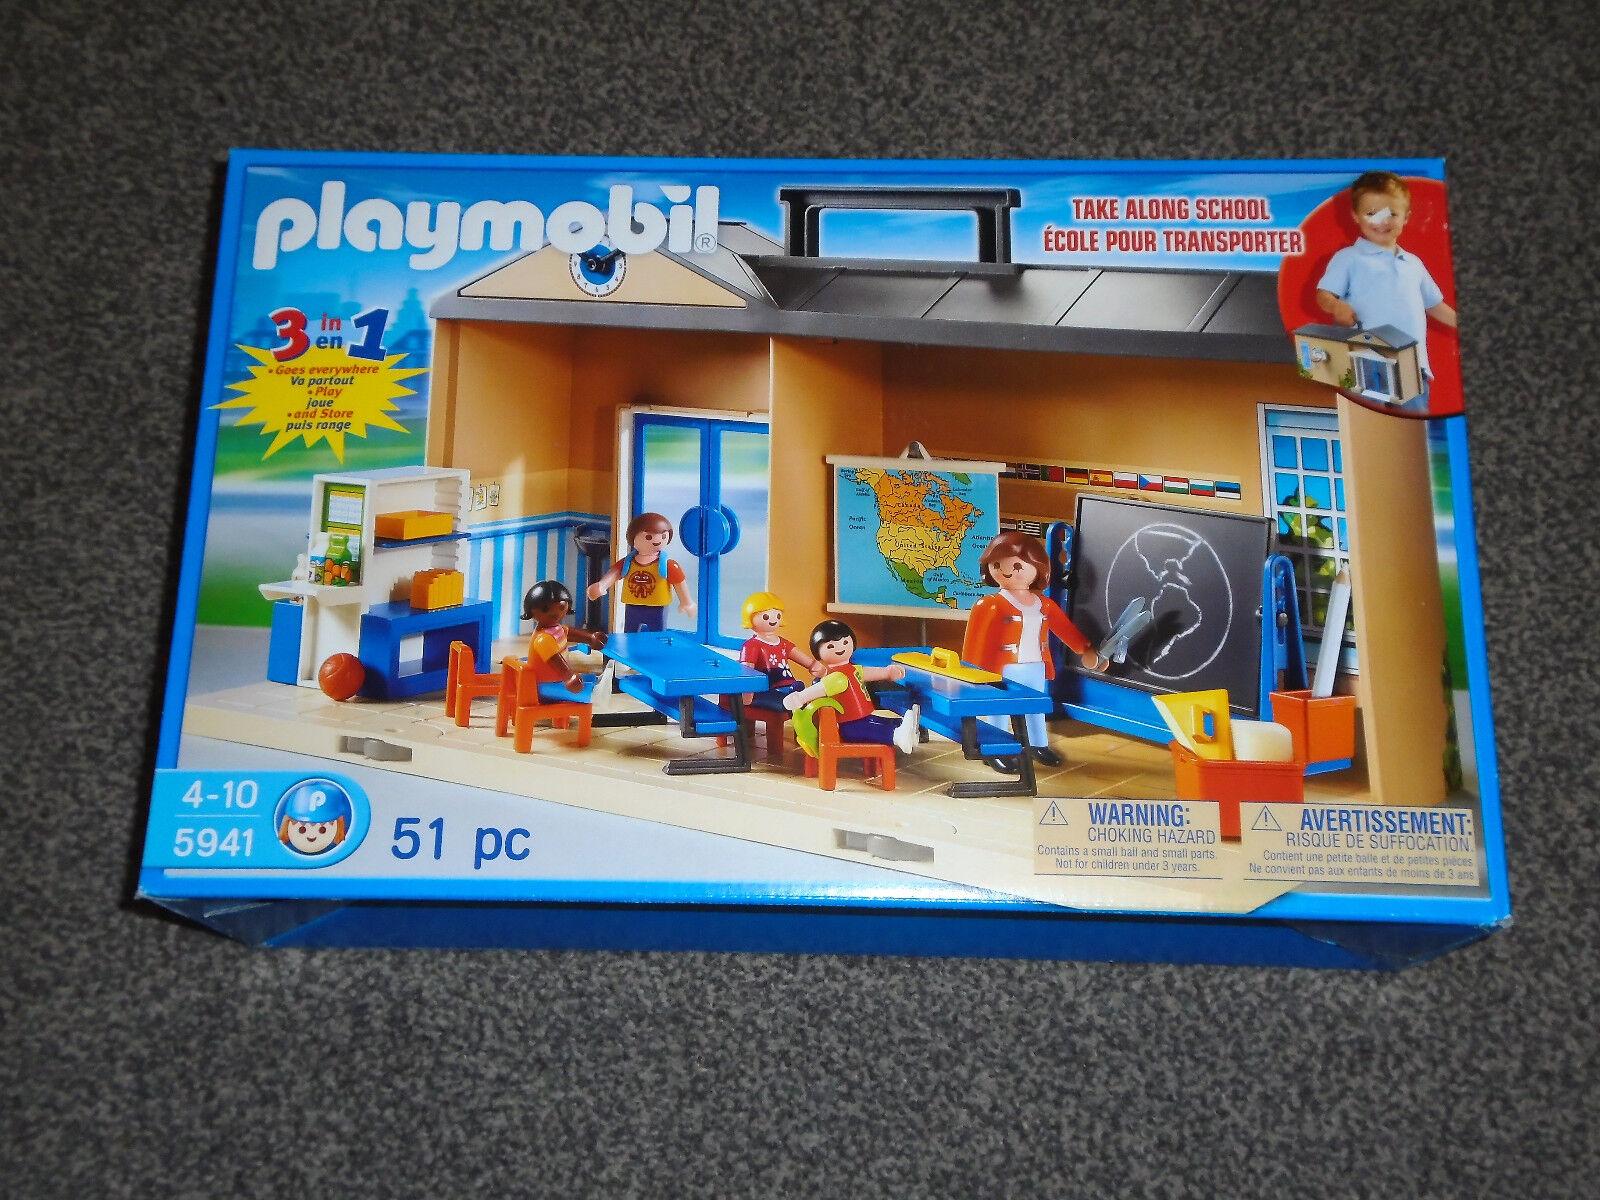 PLAYMOBIL 5941   TAKE ALONG SCHOOL SET - RARE NEW & SEALED PLAYSET (FREE UK P&P)